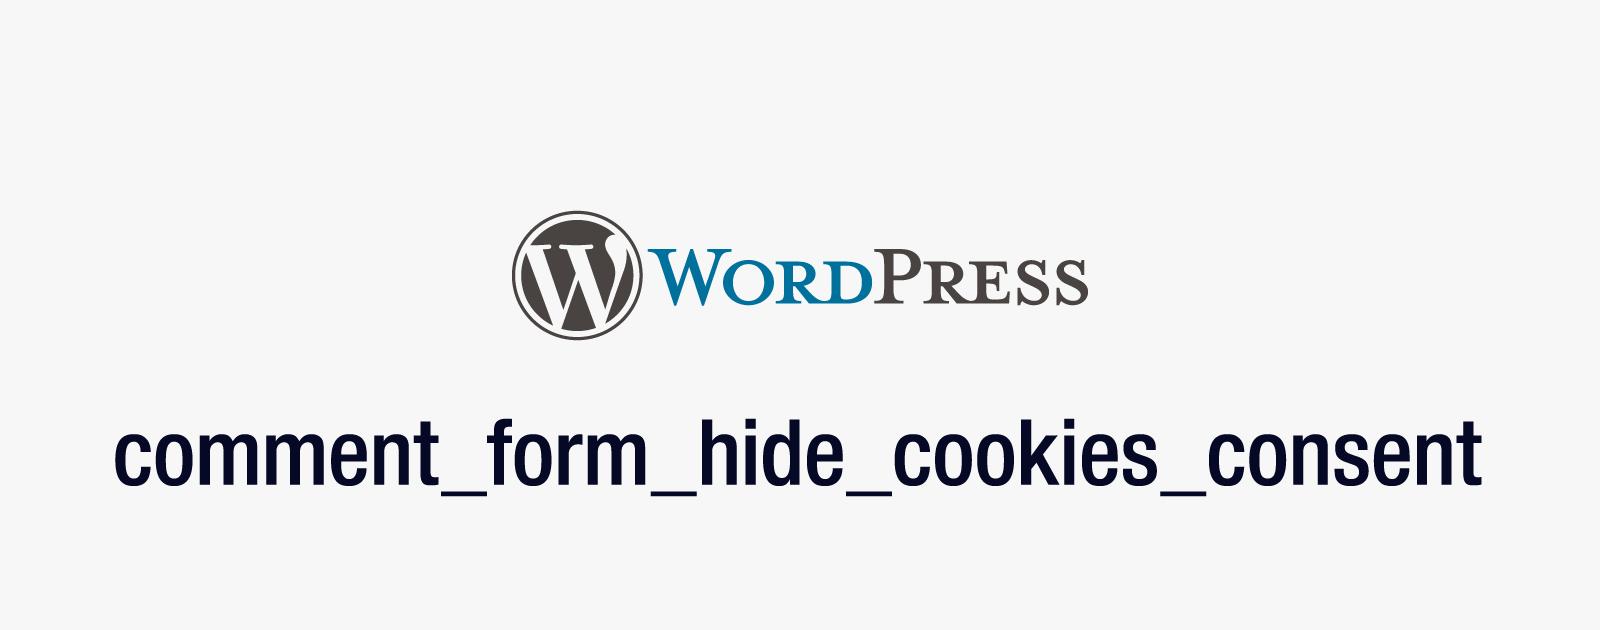 本気で作りたい人向け、WordPressプラグインの作成方法